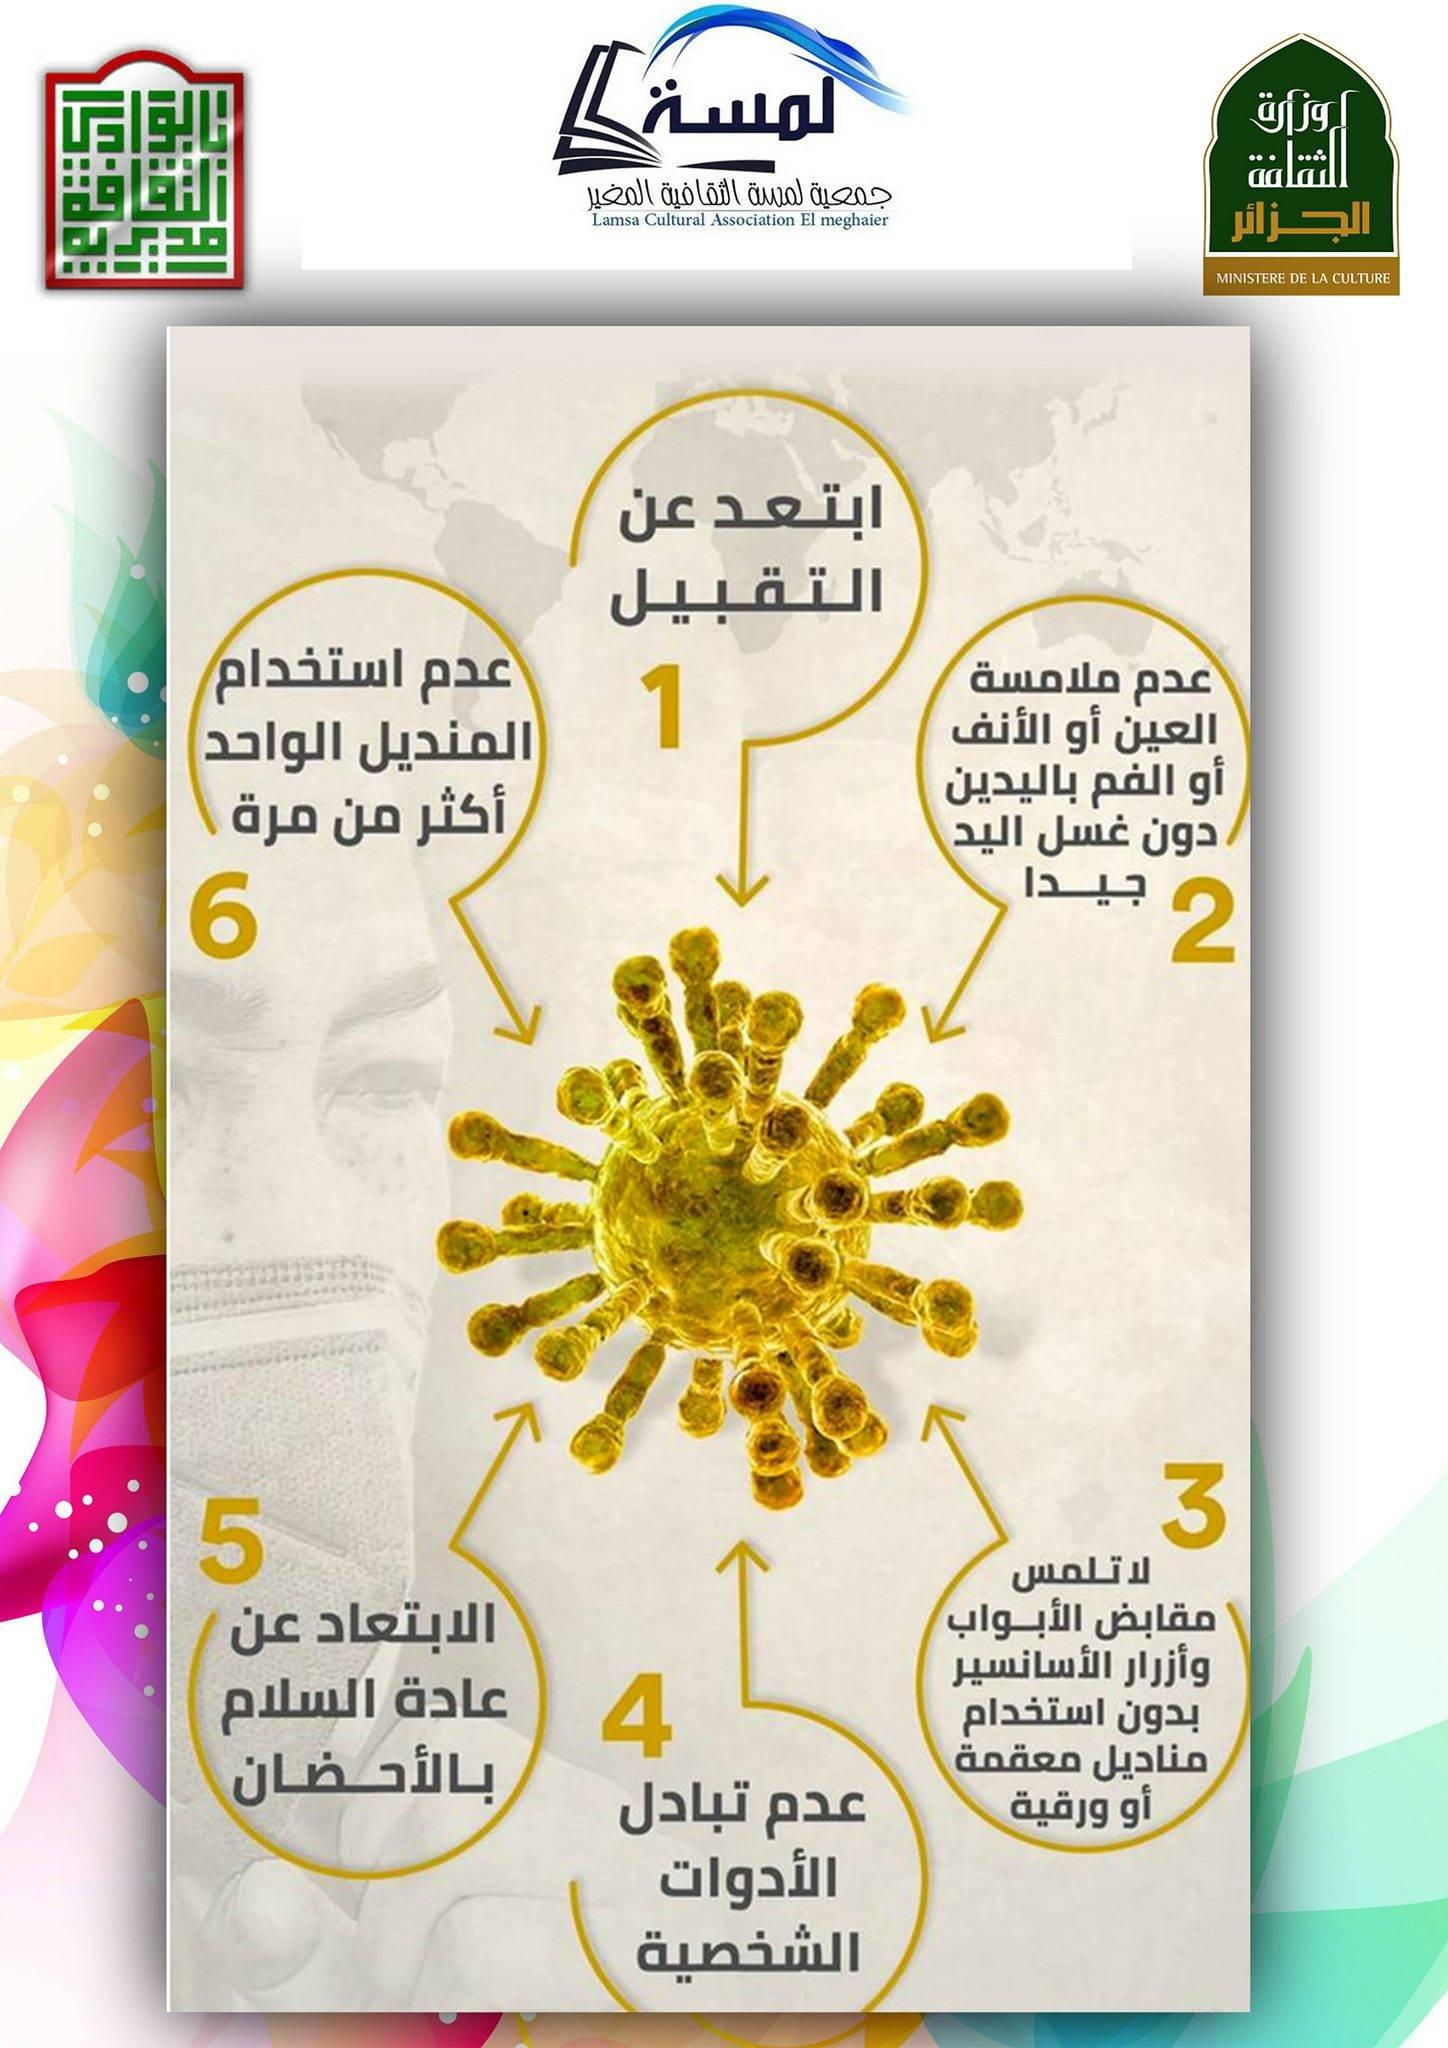 حملة تحسيسة لتفادي فيروس كوفيد 19 - جمعية لمسة الثقافية المغير